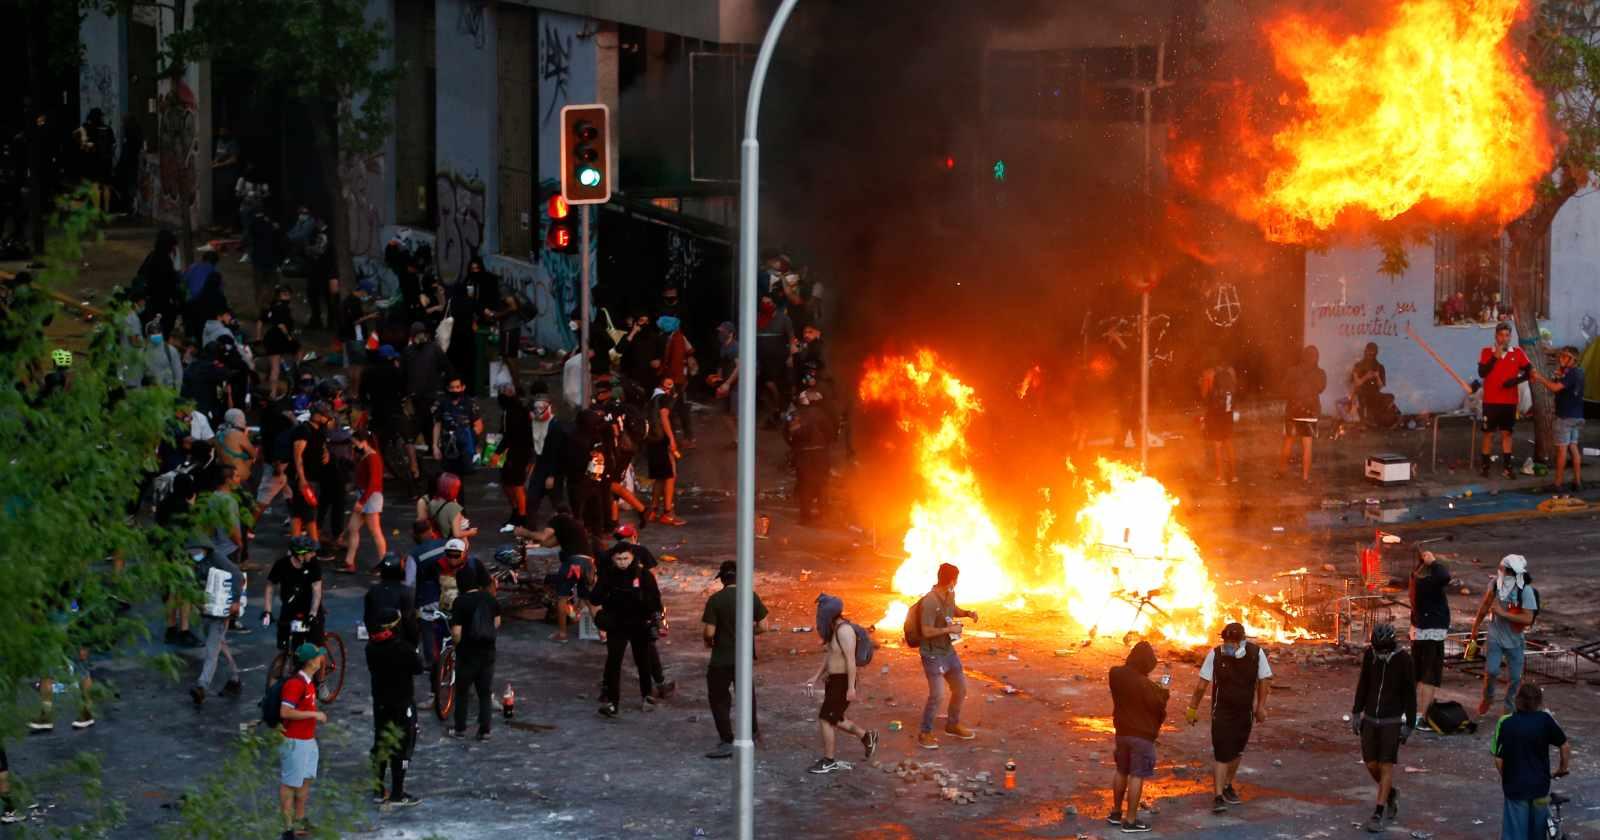 Interior registra 107 eventos graves y 580 detenidos: